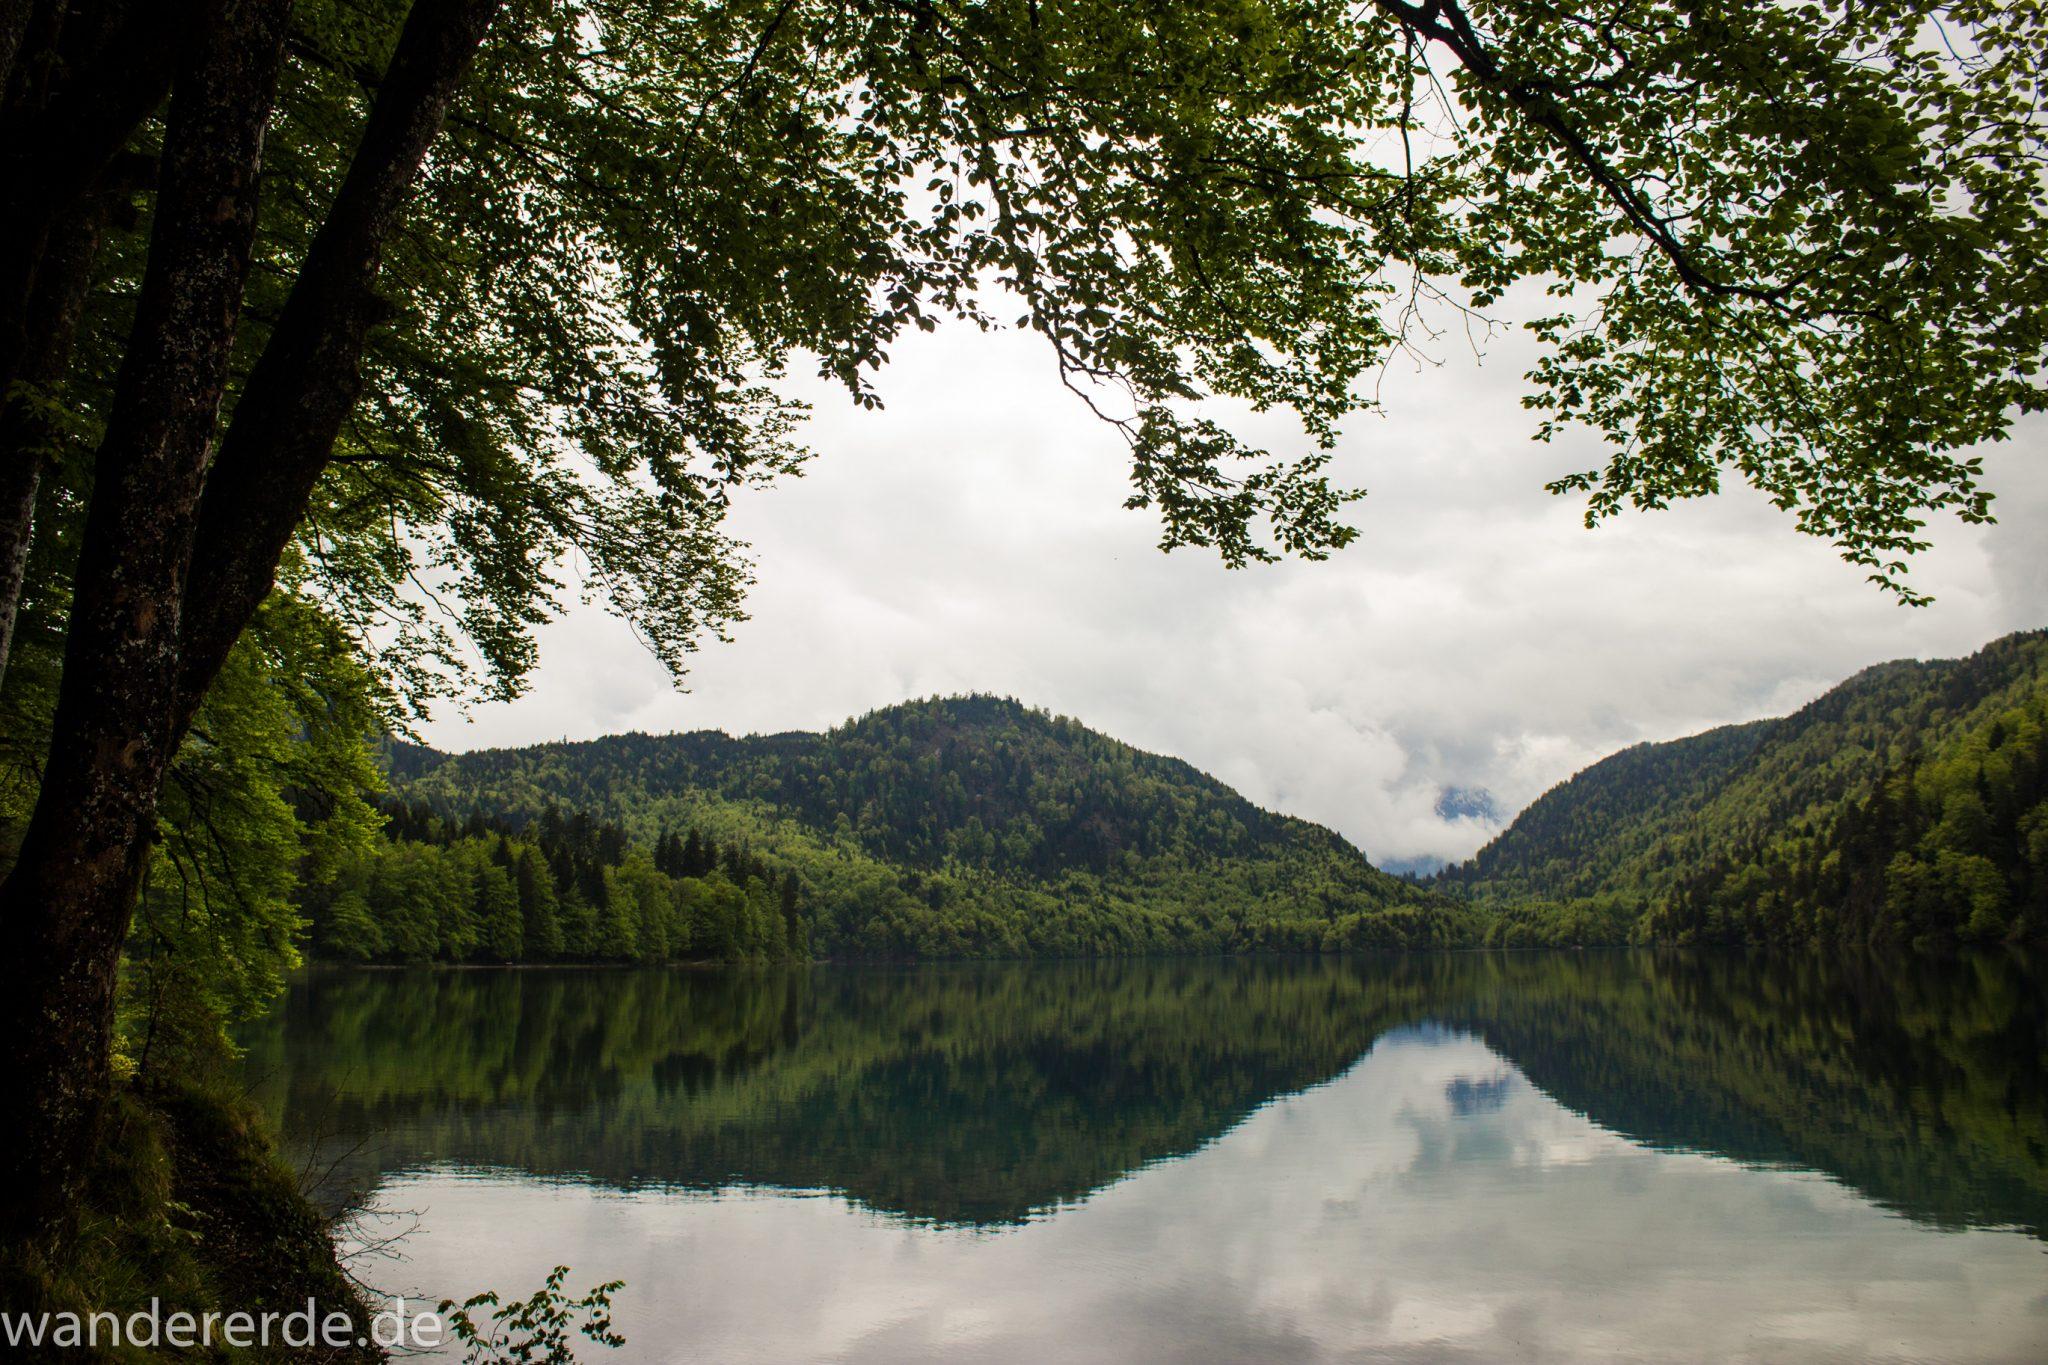 Alpsee bei Hohenschwangau, in der Nähe von Schloss Neuschwanstein, Aussicht auf Alpsee mit grünem Wald ringsrum, Laubbaum, Nadelbaum, dichte Bewölkung, Umgebung spiegelt sich im See